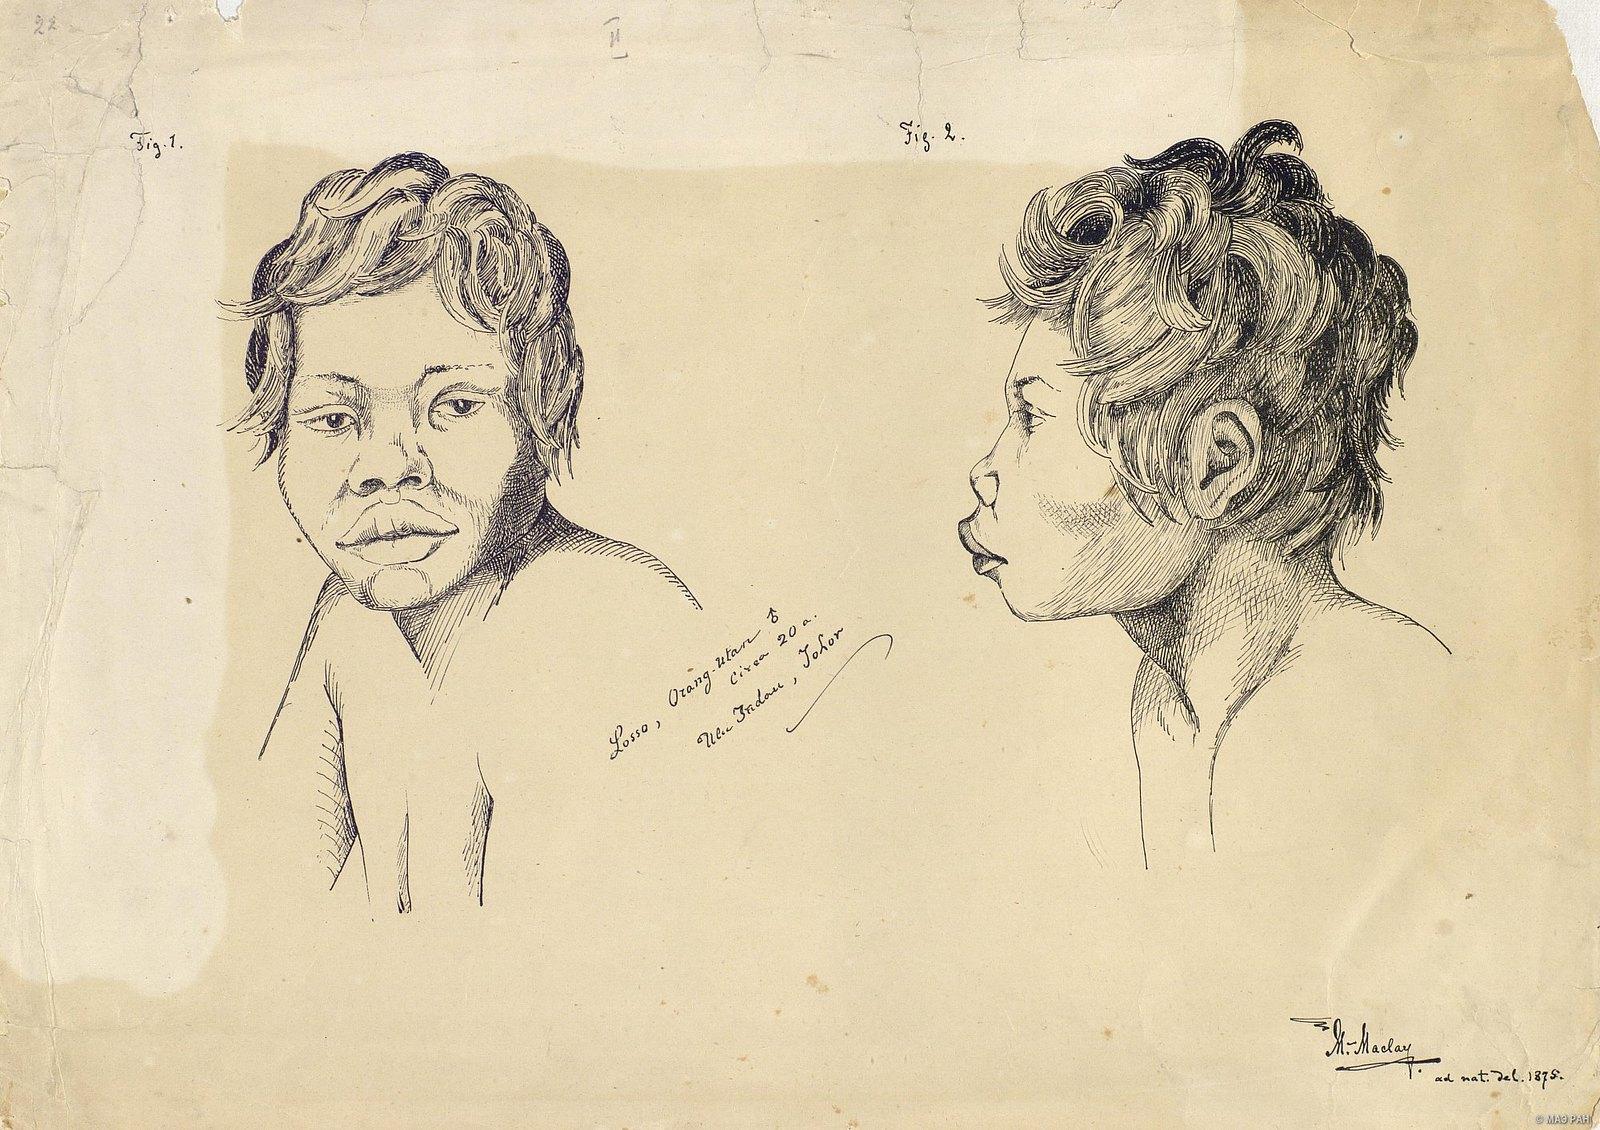 1875. Портрет молодого мужчины Лосо из племени оран-утан в возрасте около 20 лет. Малайцы. Малайзия